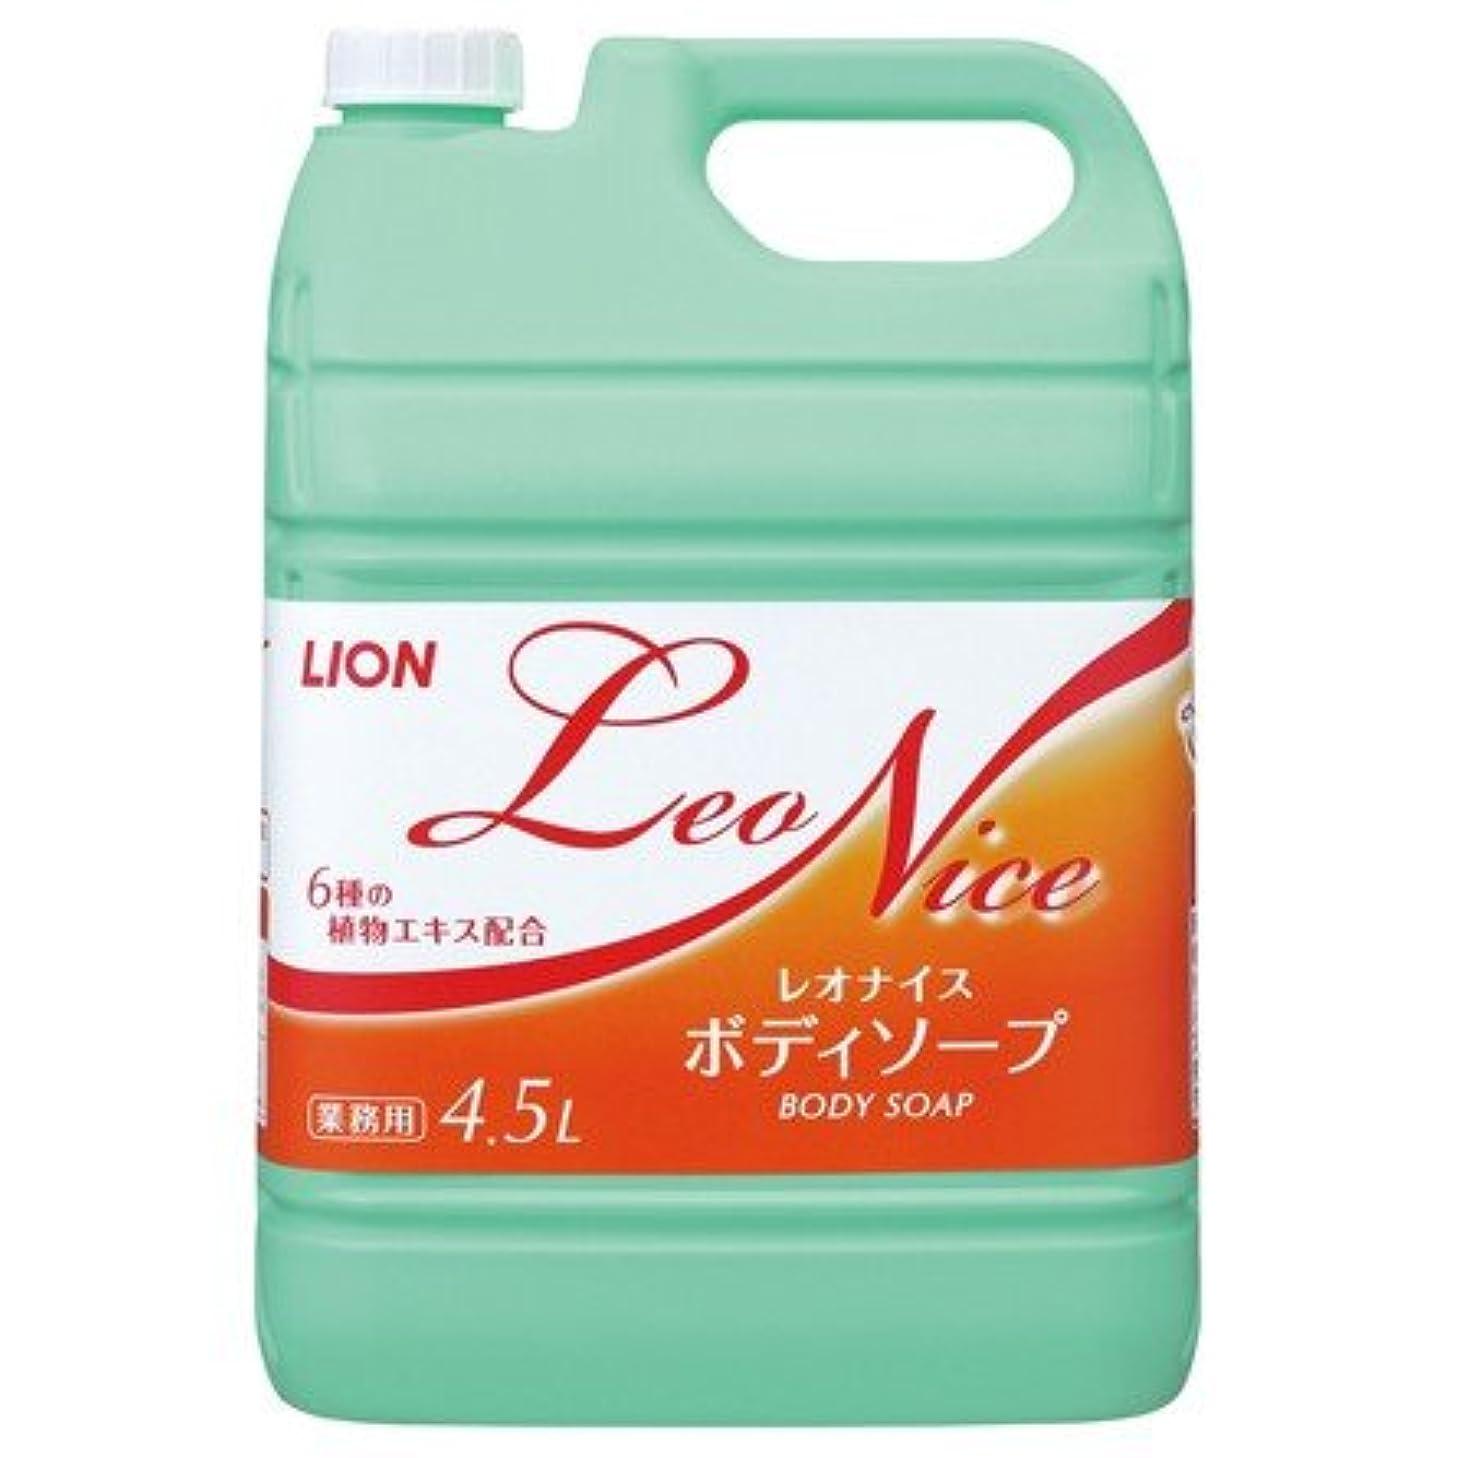 研磨剤哀れな水っぽいライオン レオナイス ボディソープ 4.5L×3本入